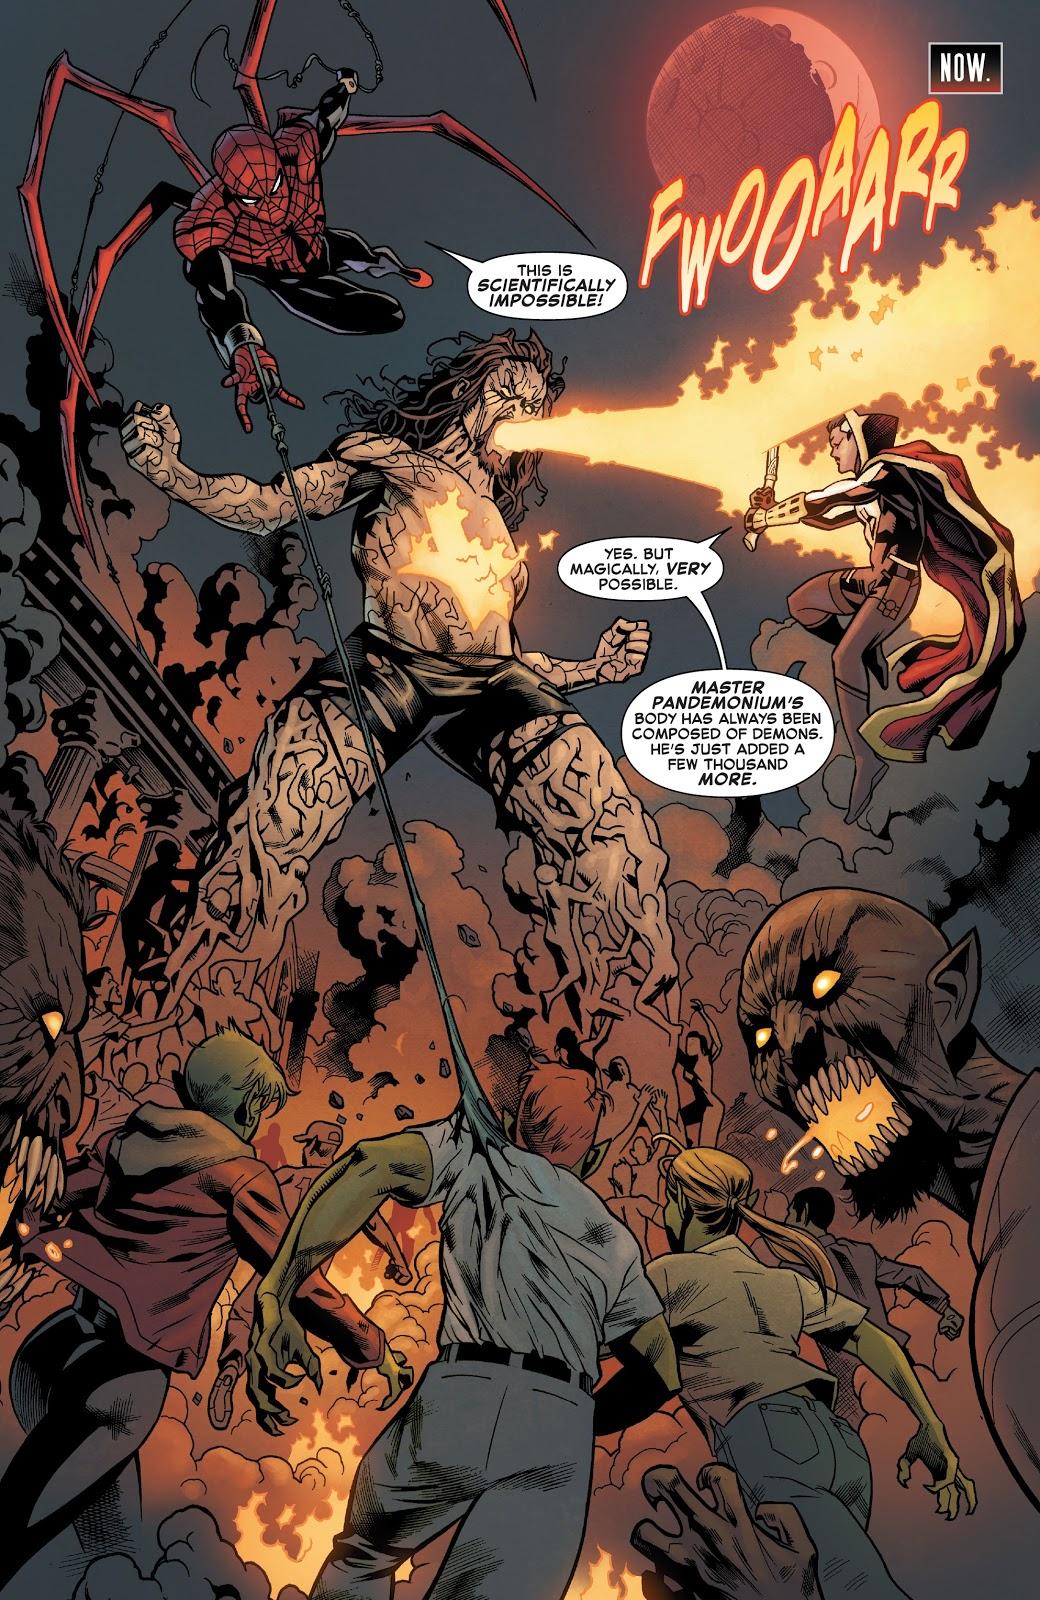 Master Pandemonium (Superior Spider-Man Vol. 2 #6)